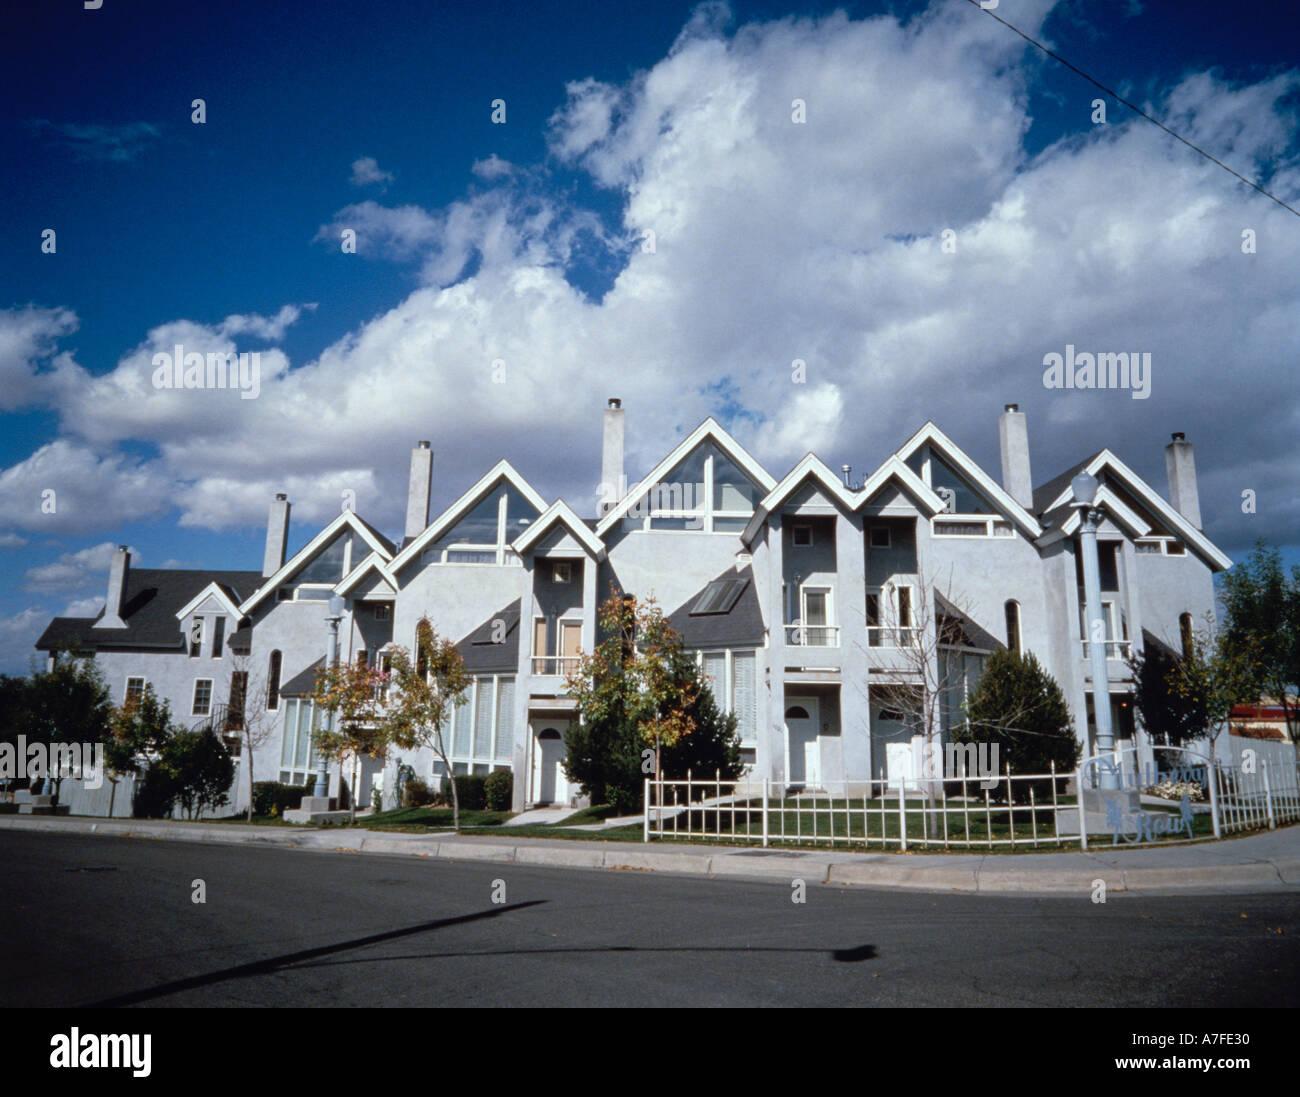 Condominium apartment complex - Stock Image